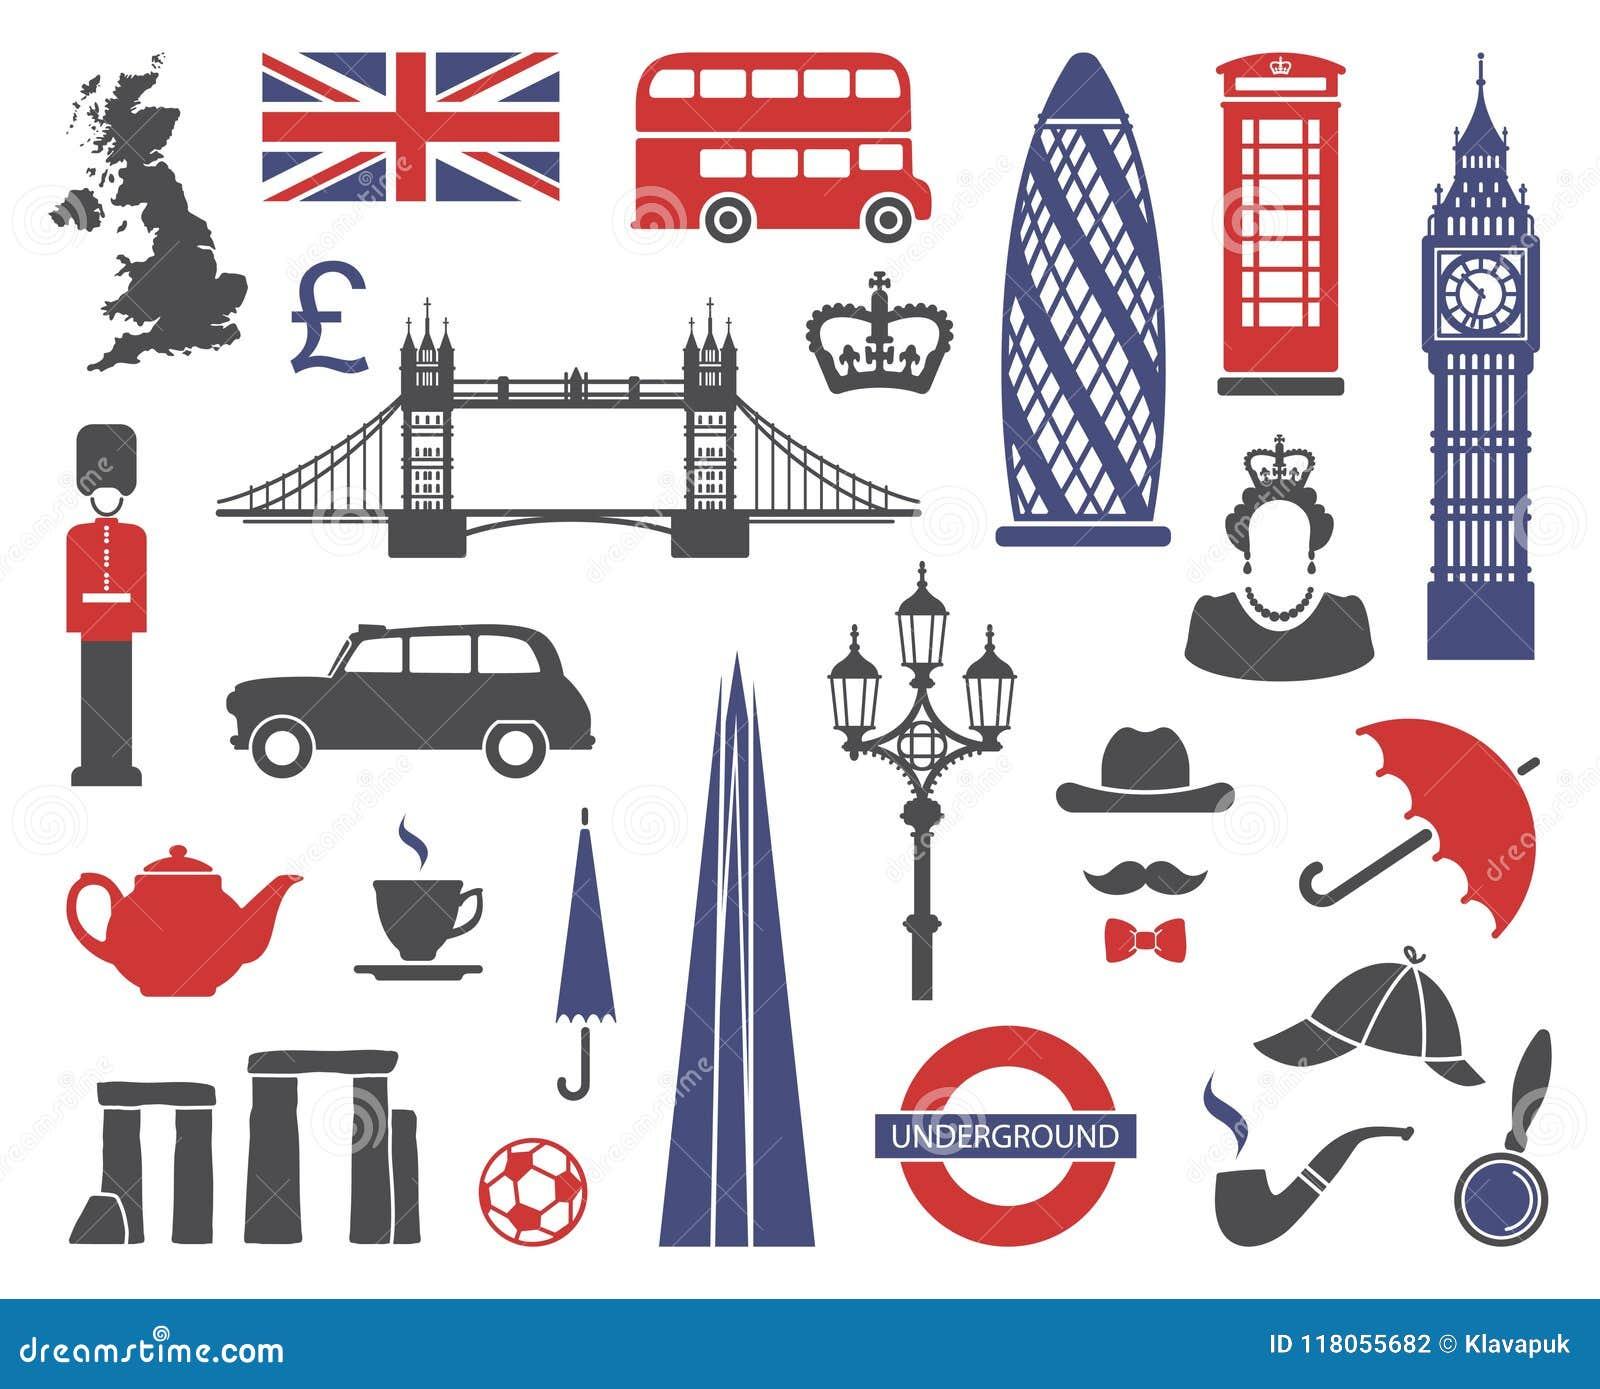 Inglaterra, Londres, Reino Unido Colección de iconos planos